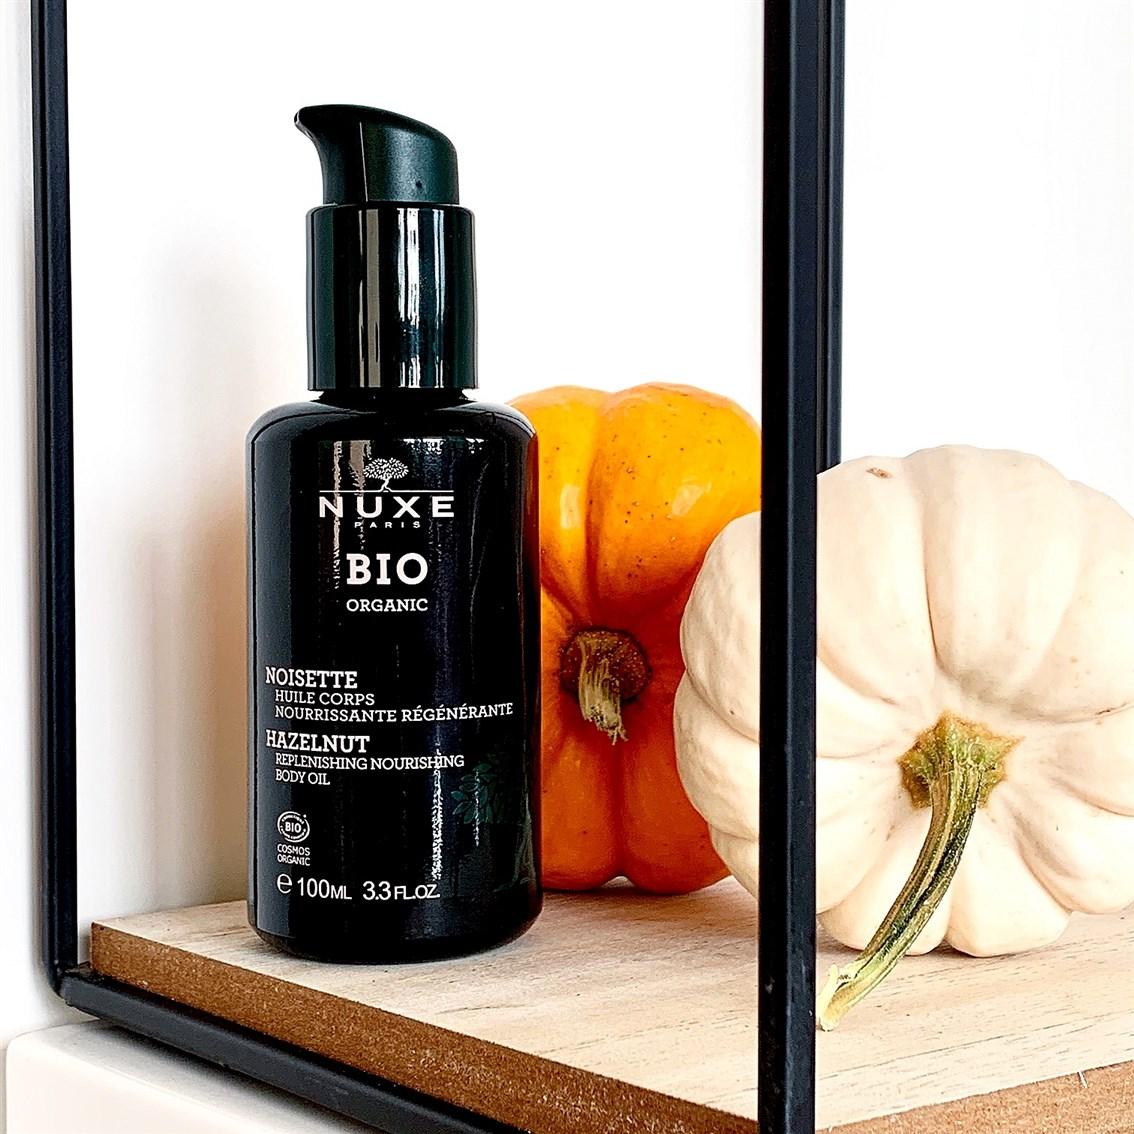 Nuxe BIO Odżywczy olejek do ciała orzech laskowy blog